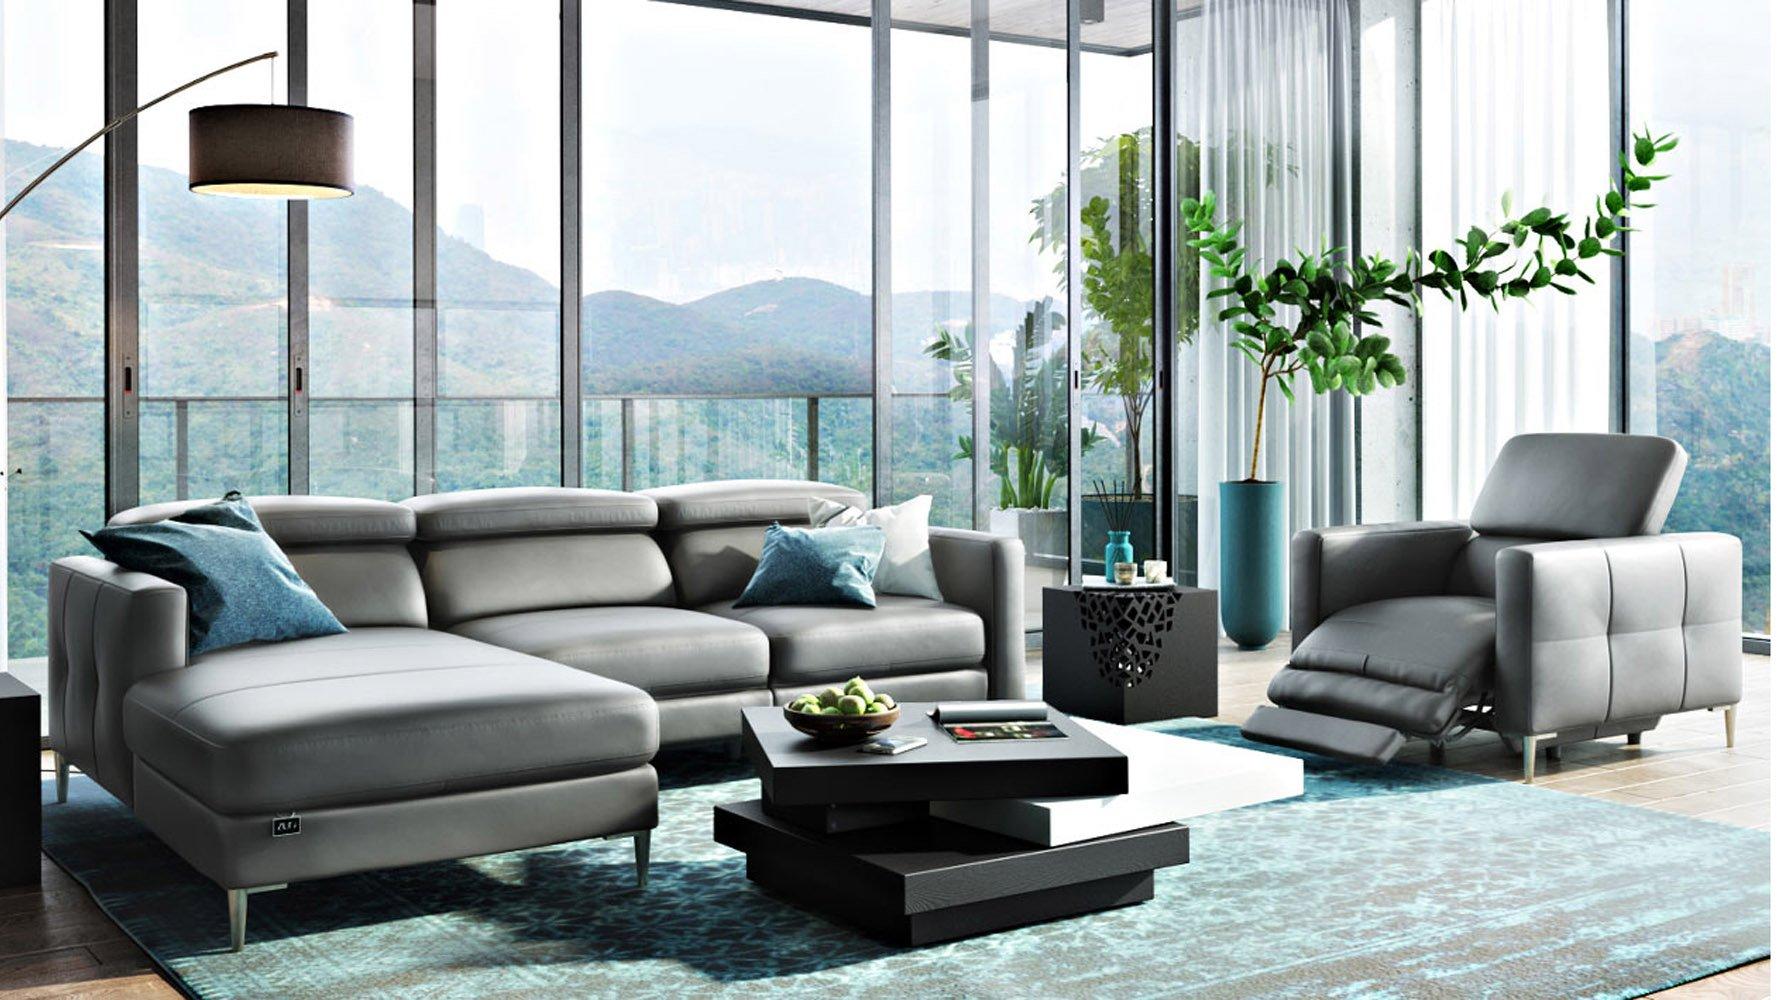 Living Room Furniture Living Room Furniture Sets Zuri Furniture